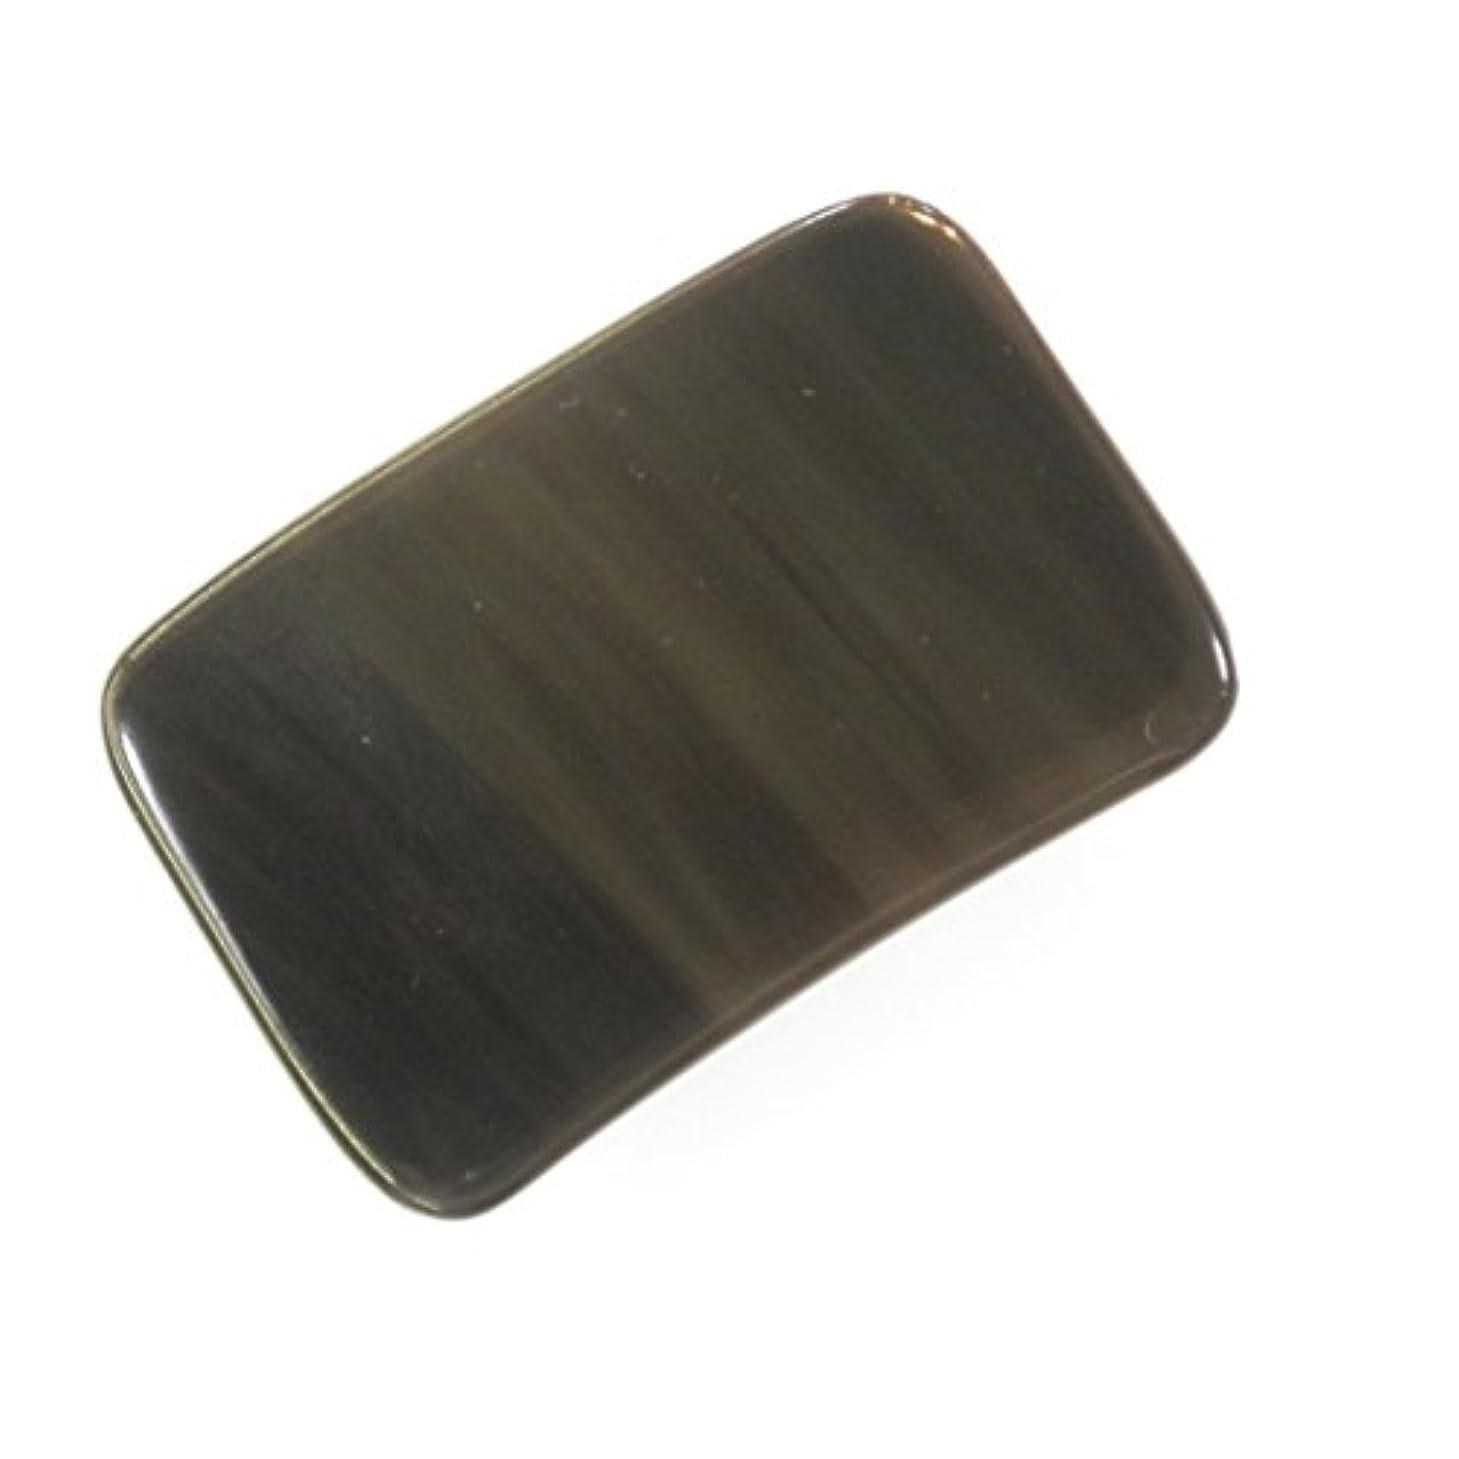 適応的あなたが良くなりますイルかっさ プレート 厚さが選べる 水牛の角(黒水牛角) EHE214 長方形小 一般品 薄め(5ミリ程度)